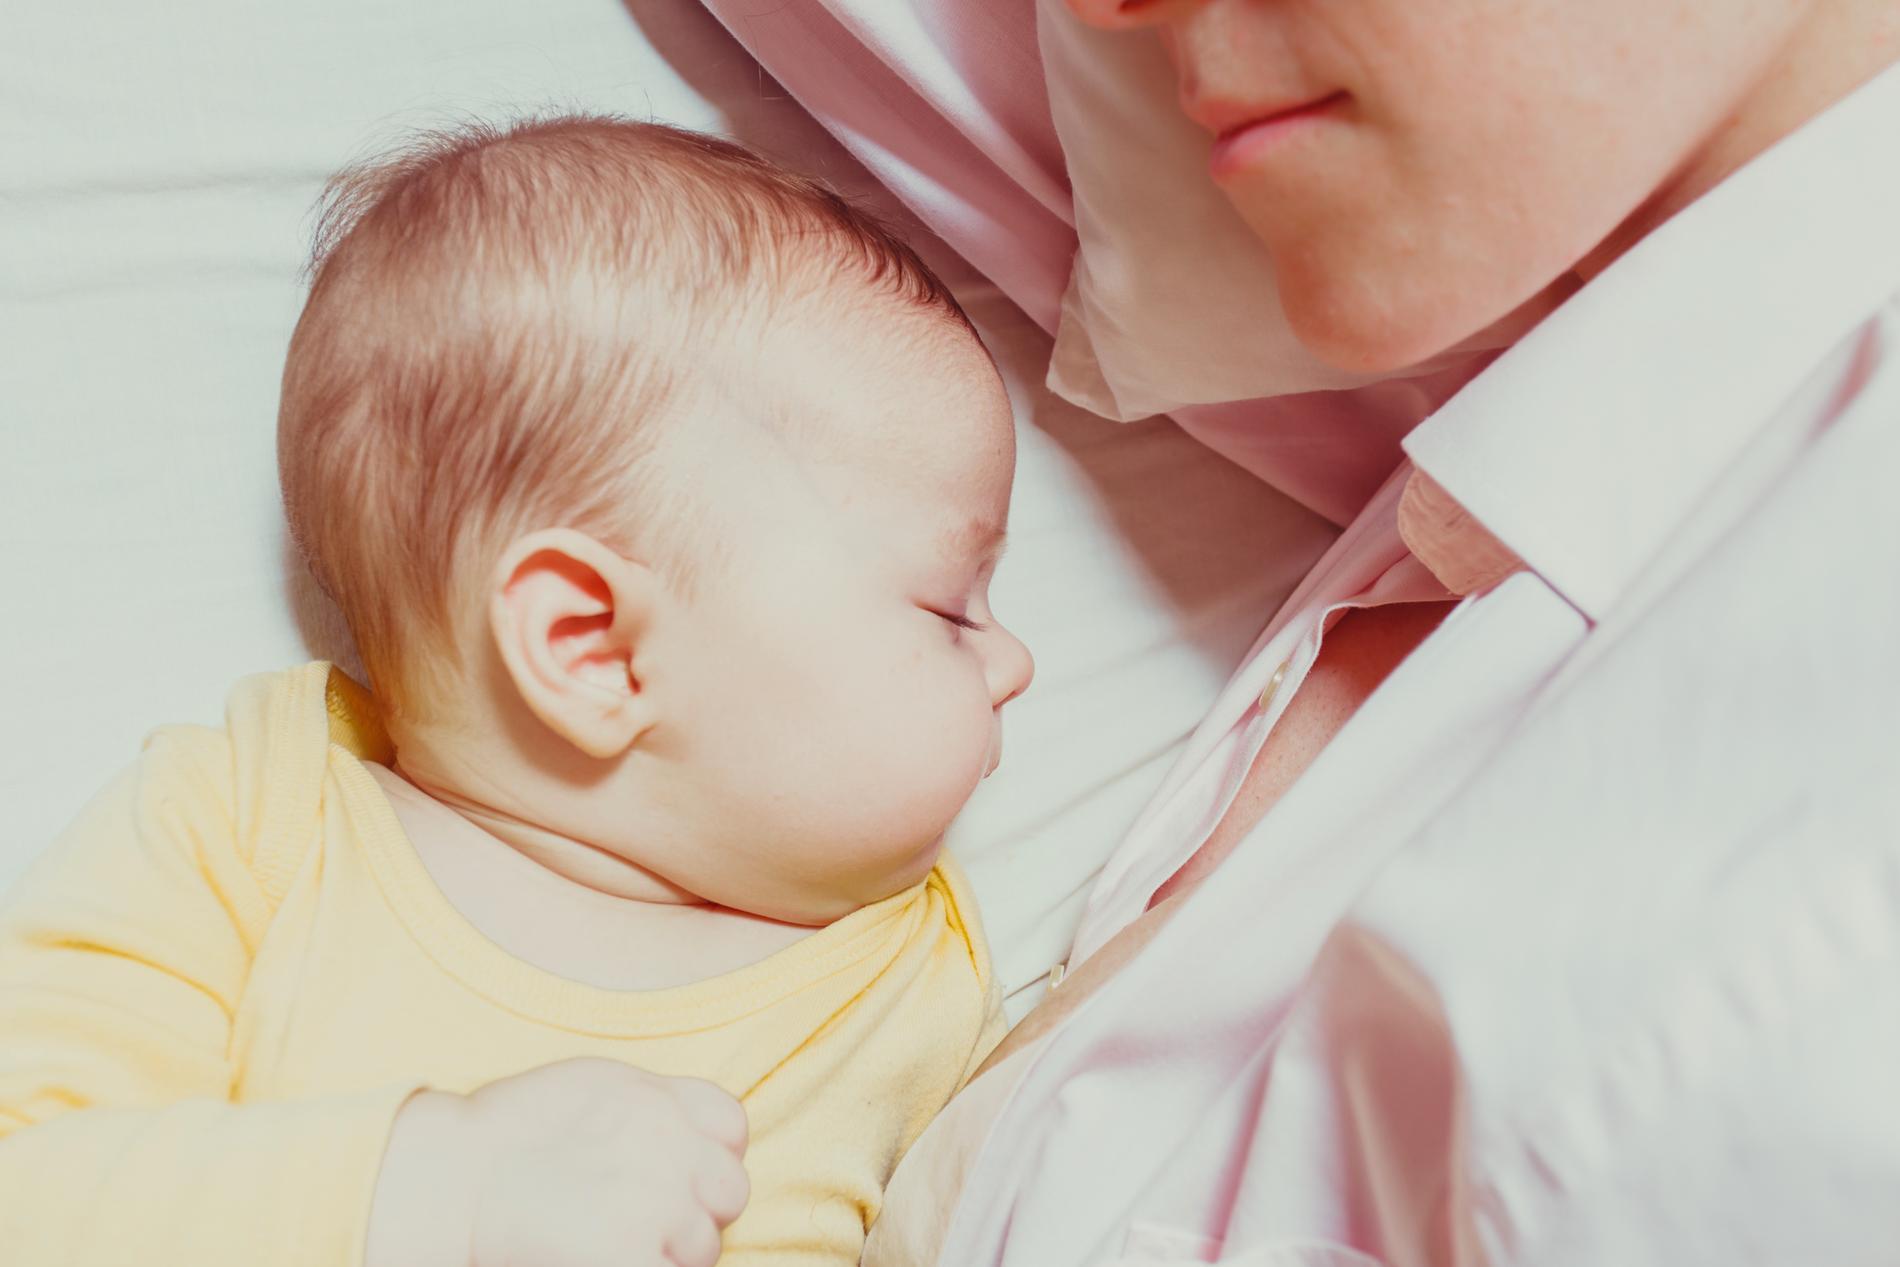 Det är viktigt att vara uppmärksam på ditt barns behov, och finnas där med stöd och tröst.